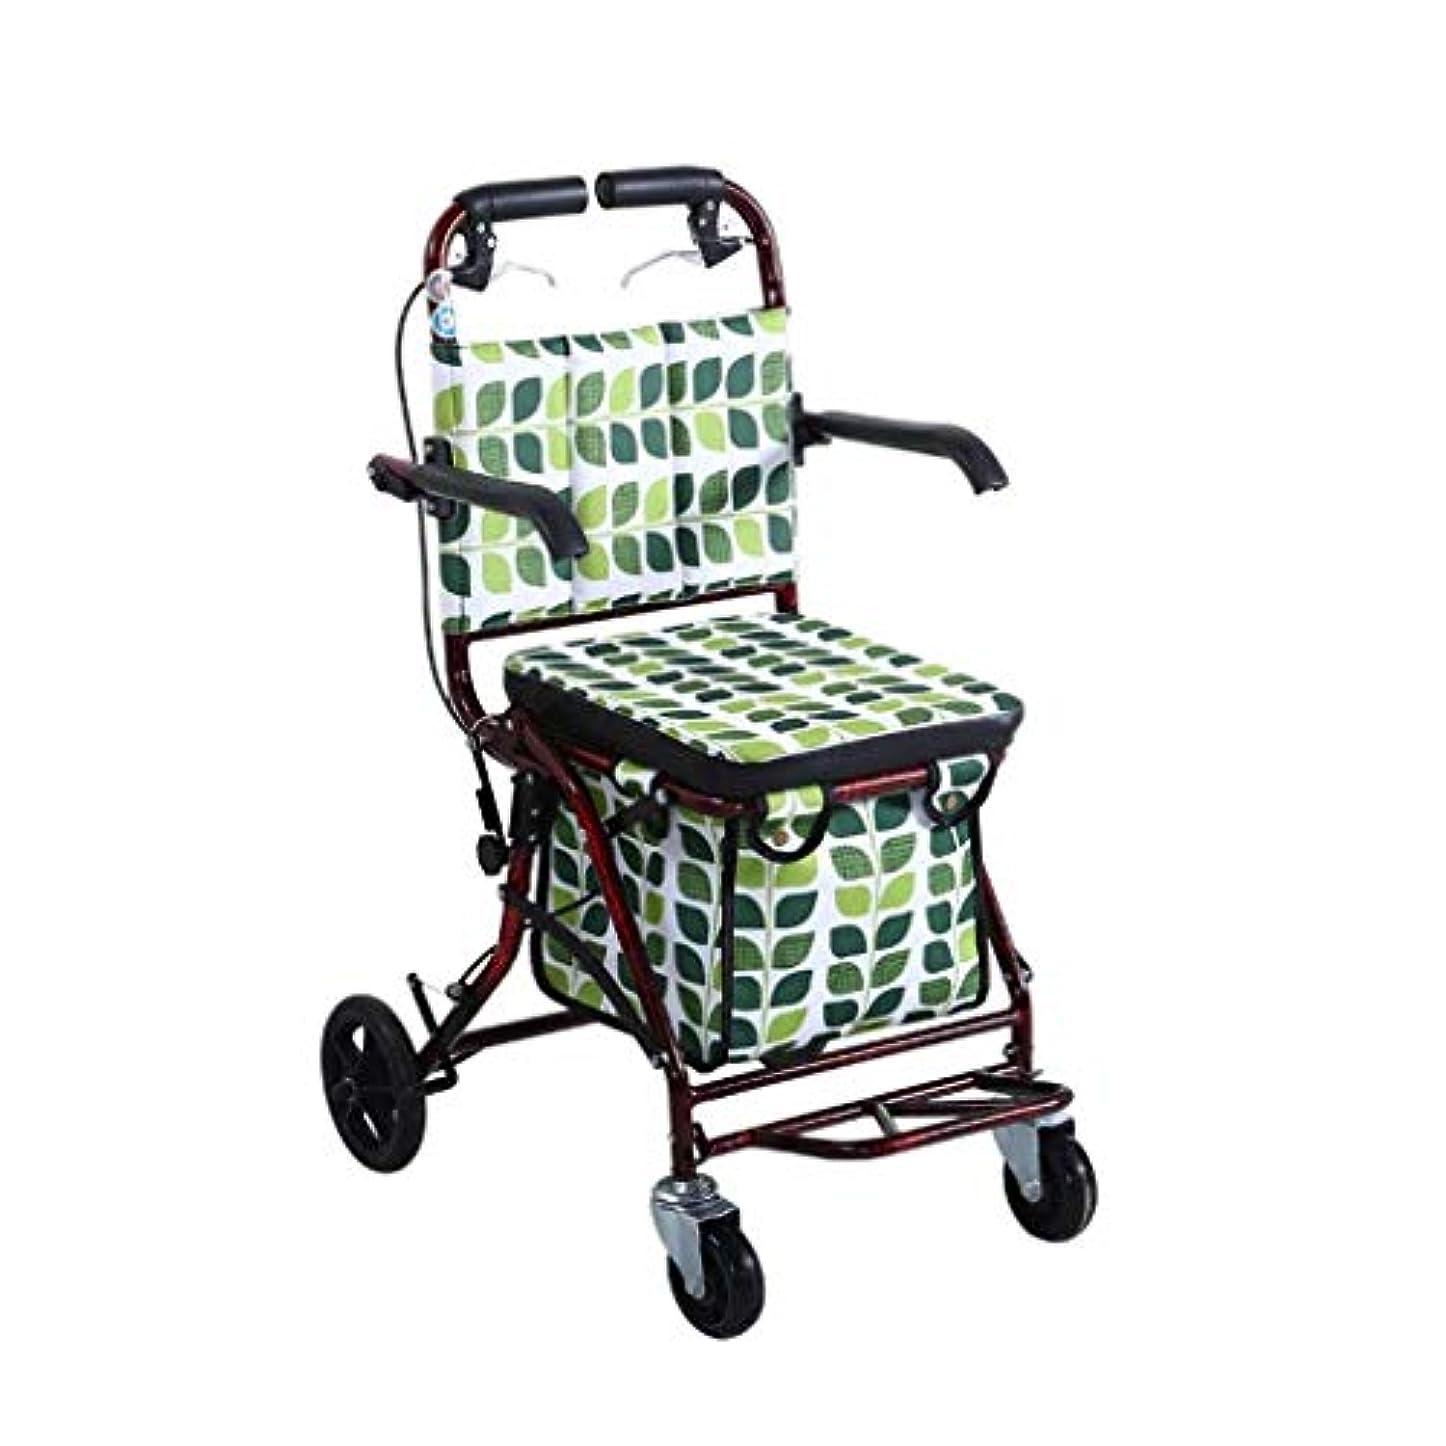 メッセンジャー氏コメンテーターショッピングトロリー、老人ポータブル四輪歩行者は、背もたれ、パッド入りシート、フットレスト付きの折りたたみ車椅子に乗る